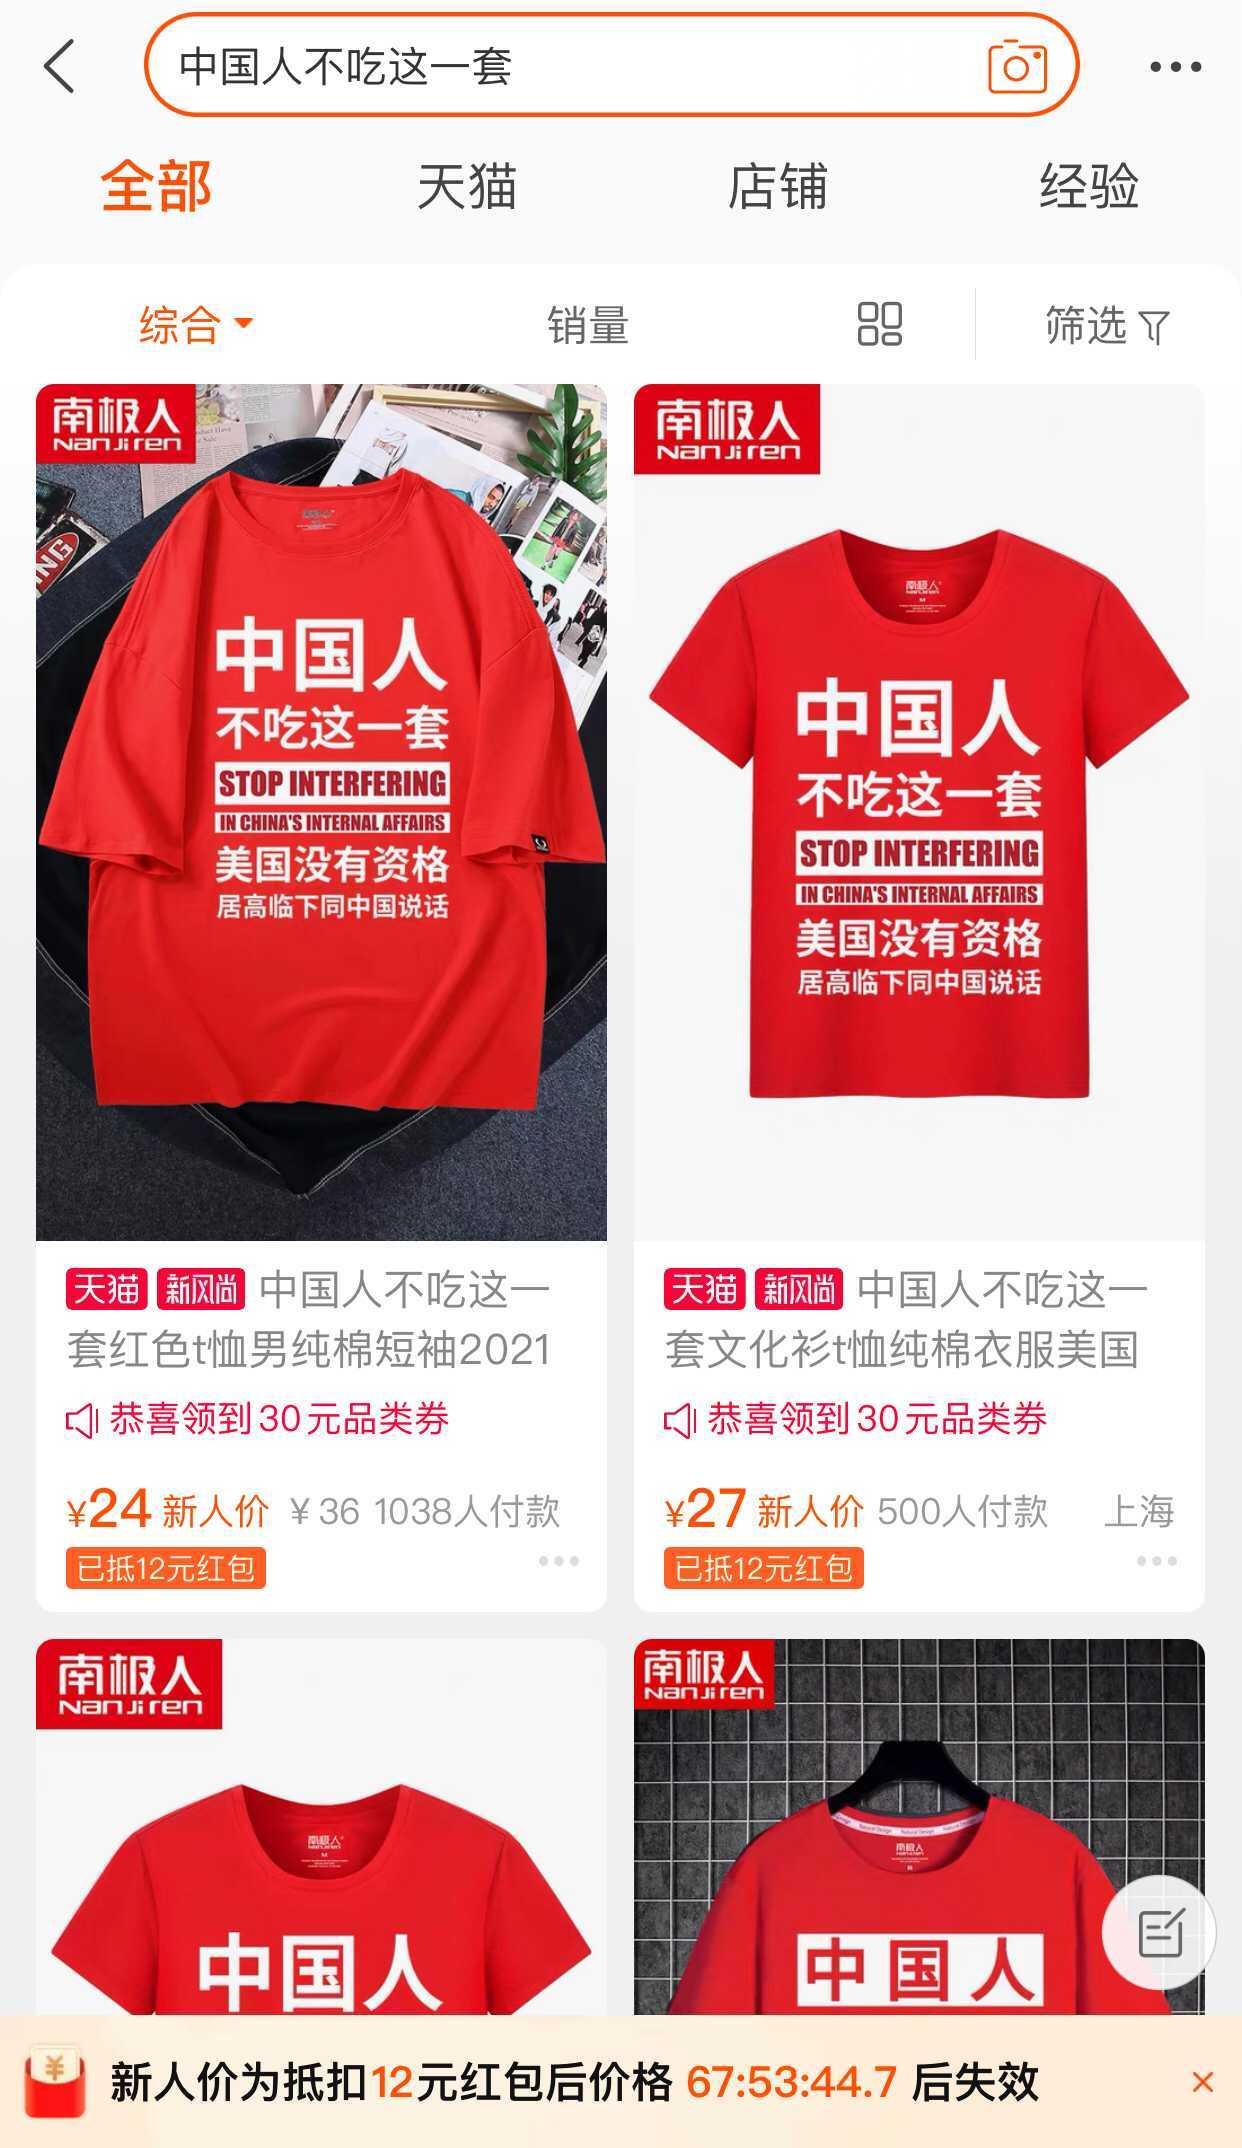 Produtos patrióticos no Taobao